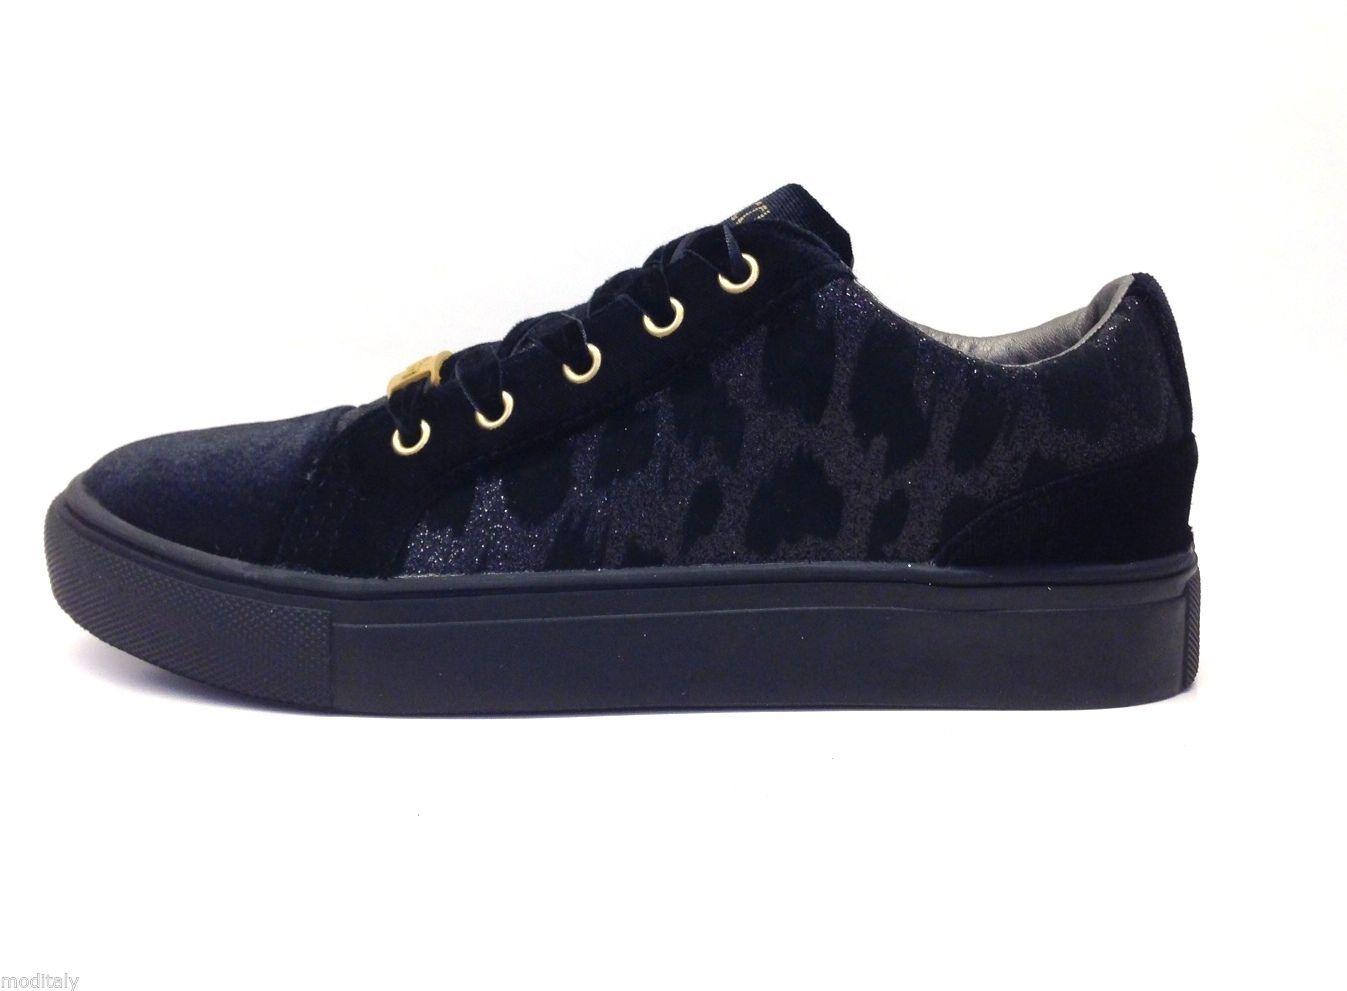 premium selection 6e8c2 7864e FIORUCCI scarpe donna SNEAKERS FDAH040 LACCI velluto ...